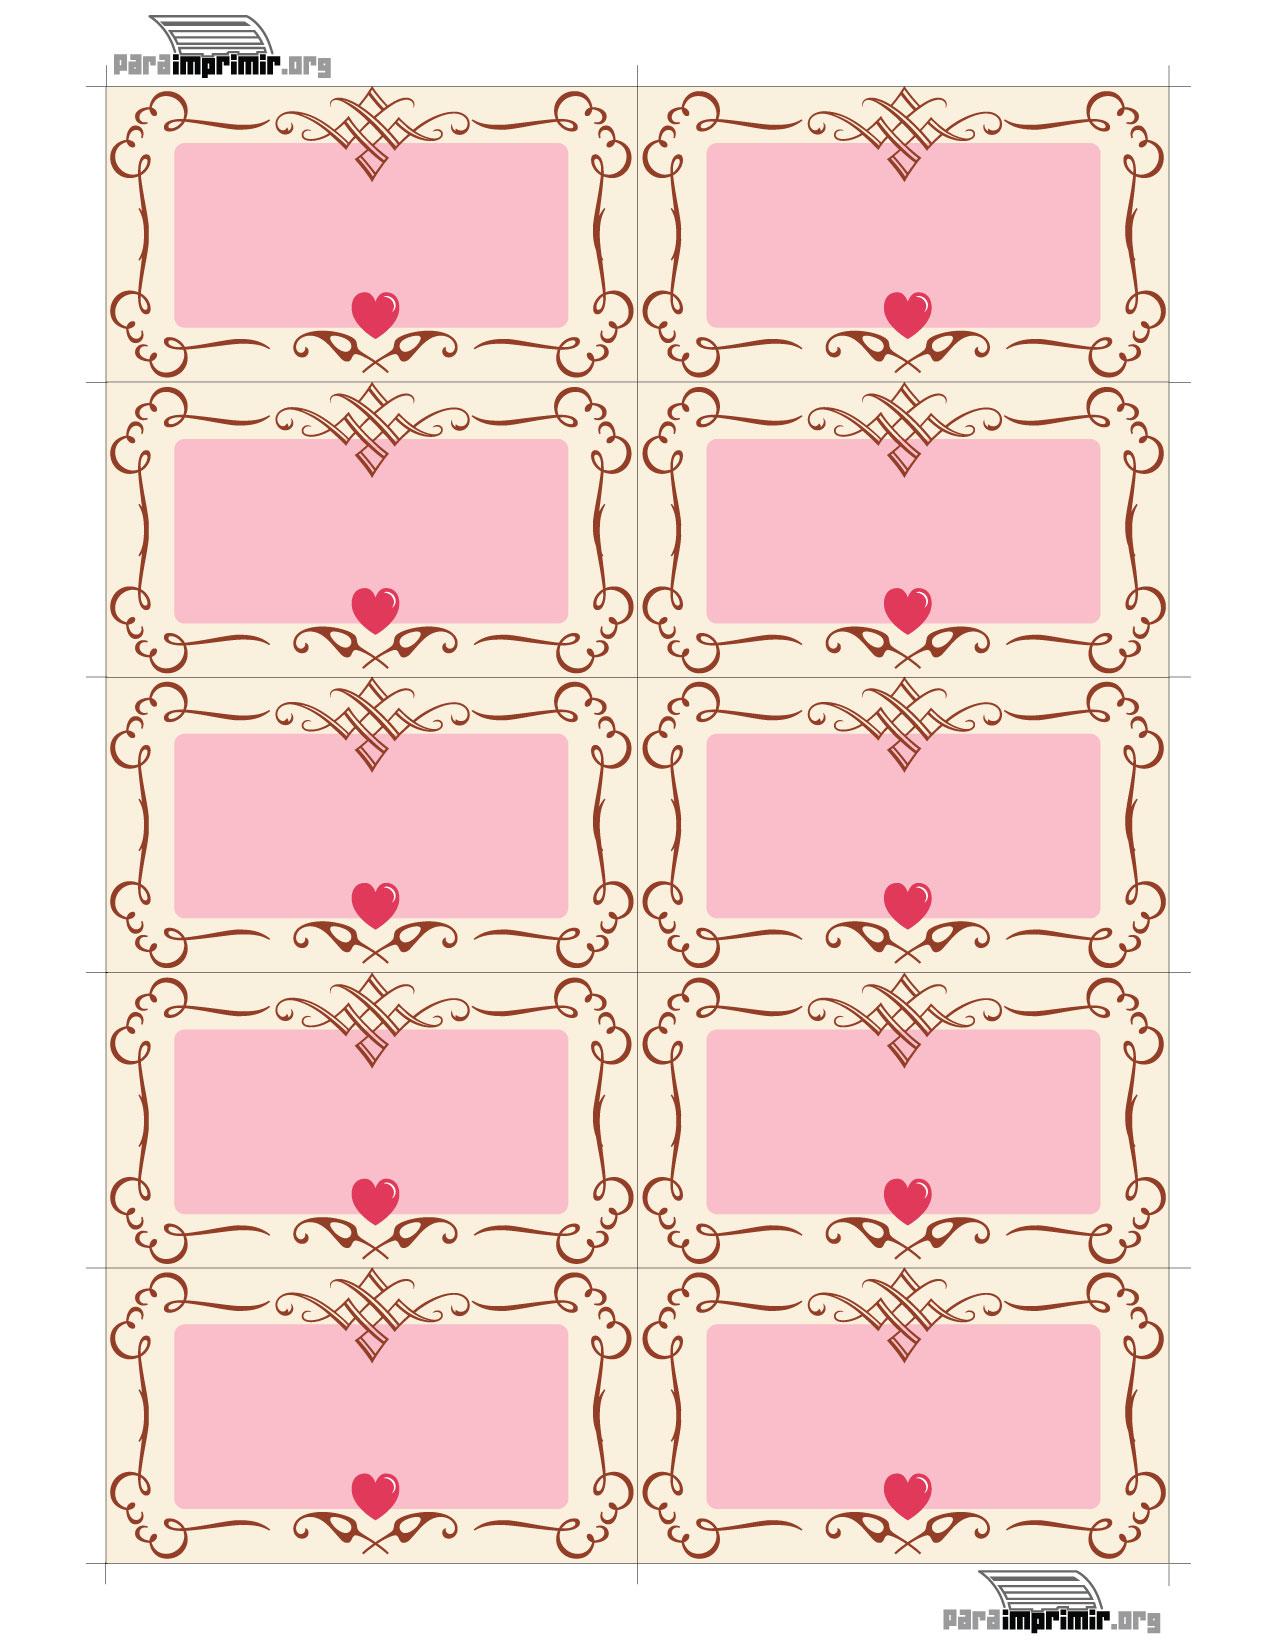 Bordes de tarjetas tipo pastel para imprimir